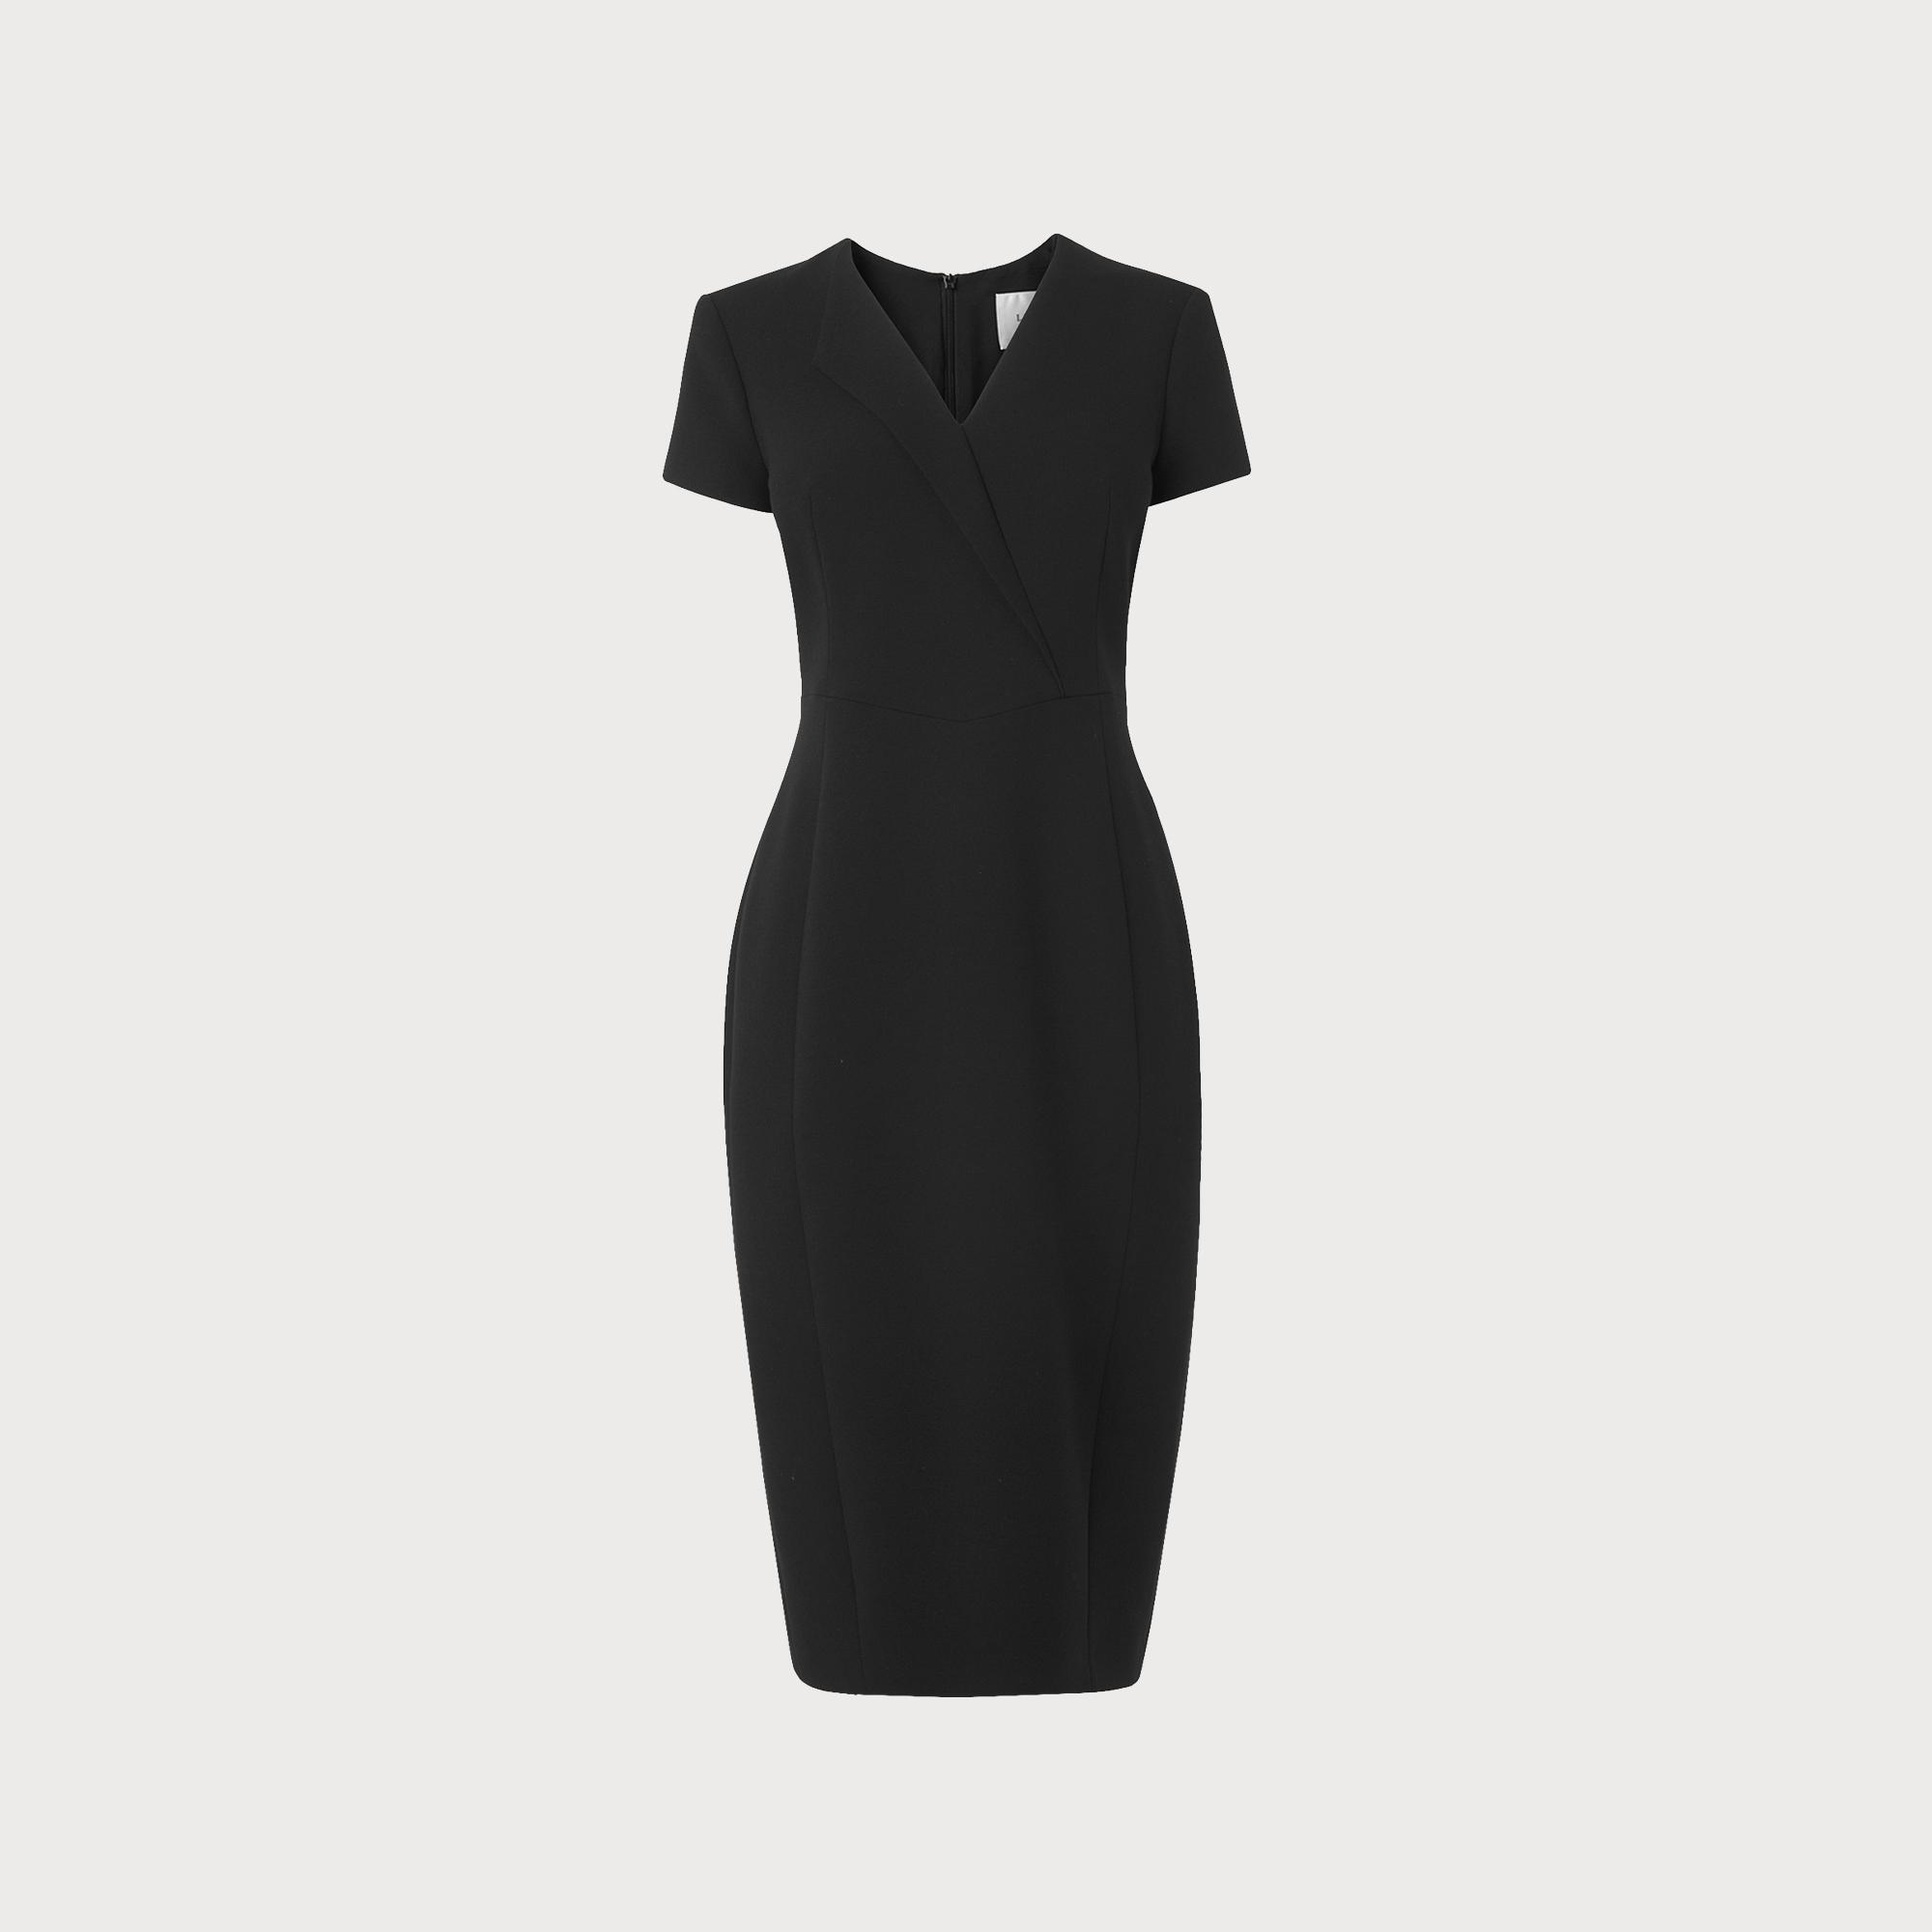 L k bennett london black dress